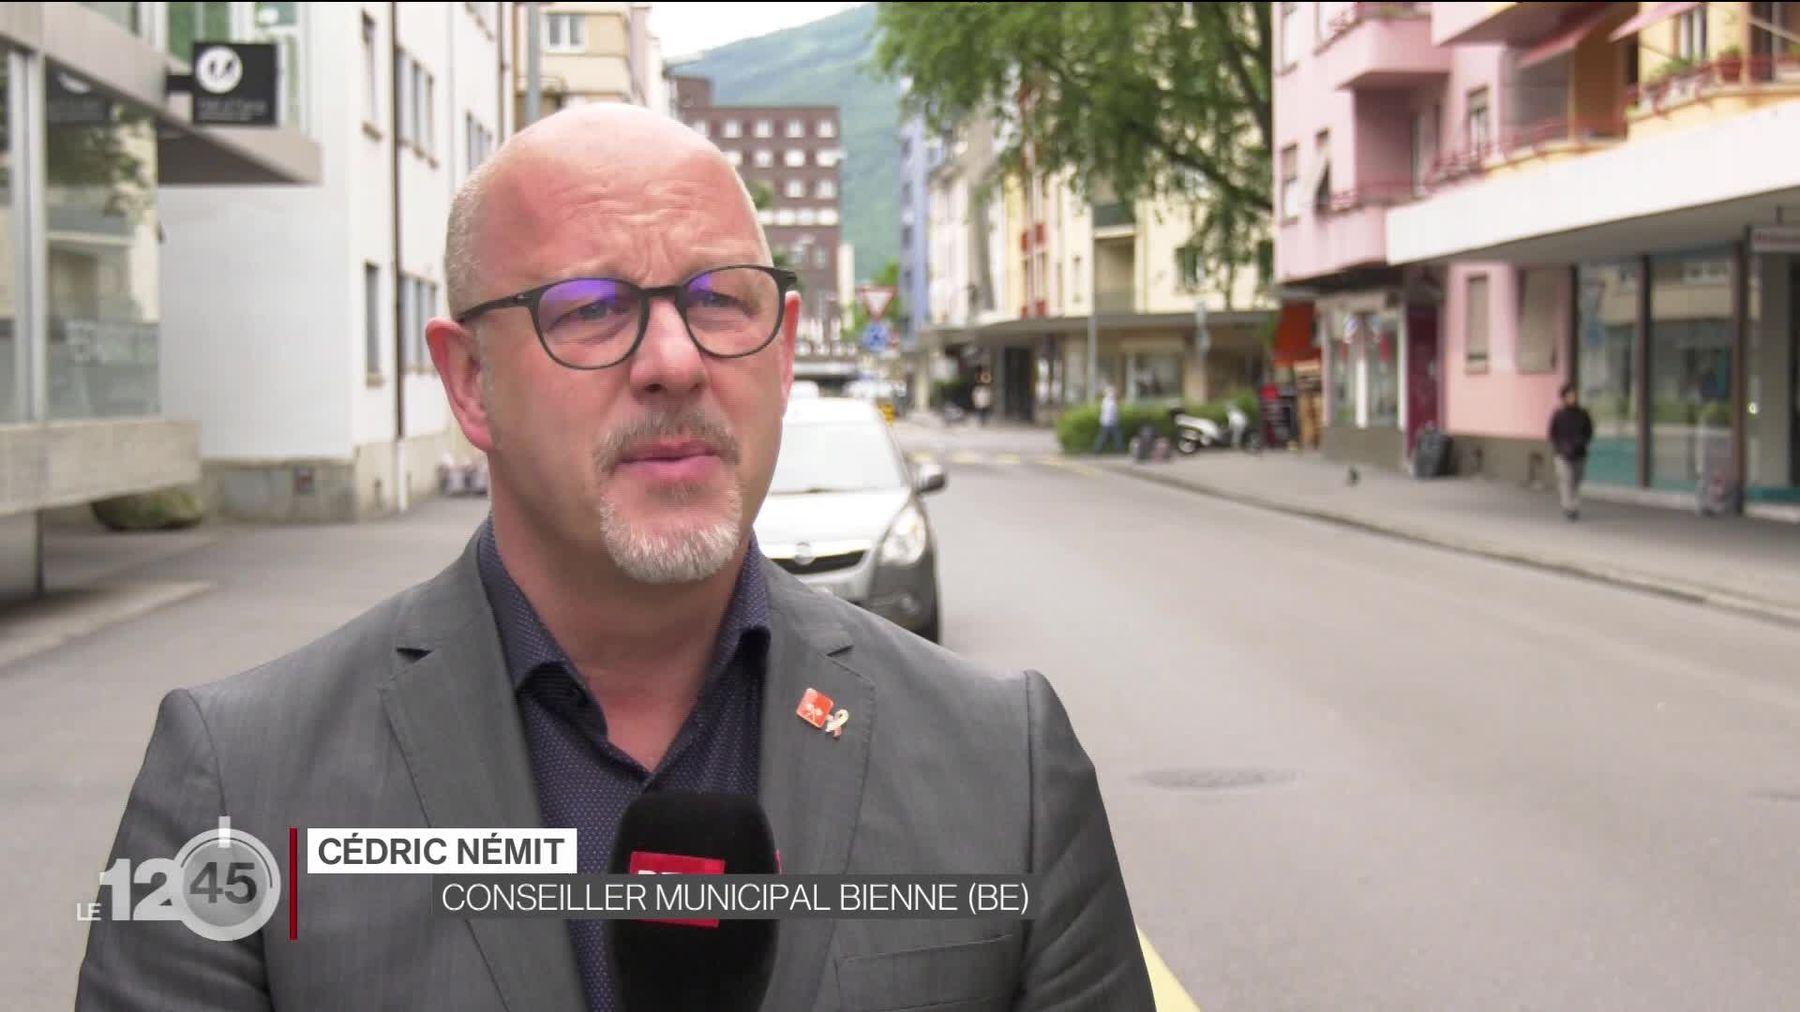 Le conseiller municipal biennois Cédric Nemit explique la campagne de sa ville pour lutter contre l'homophobie